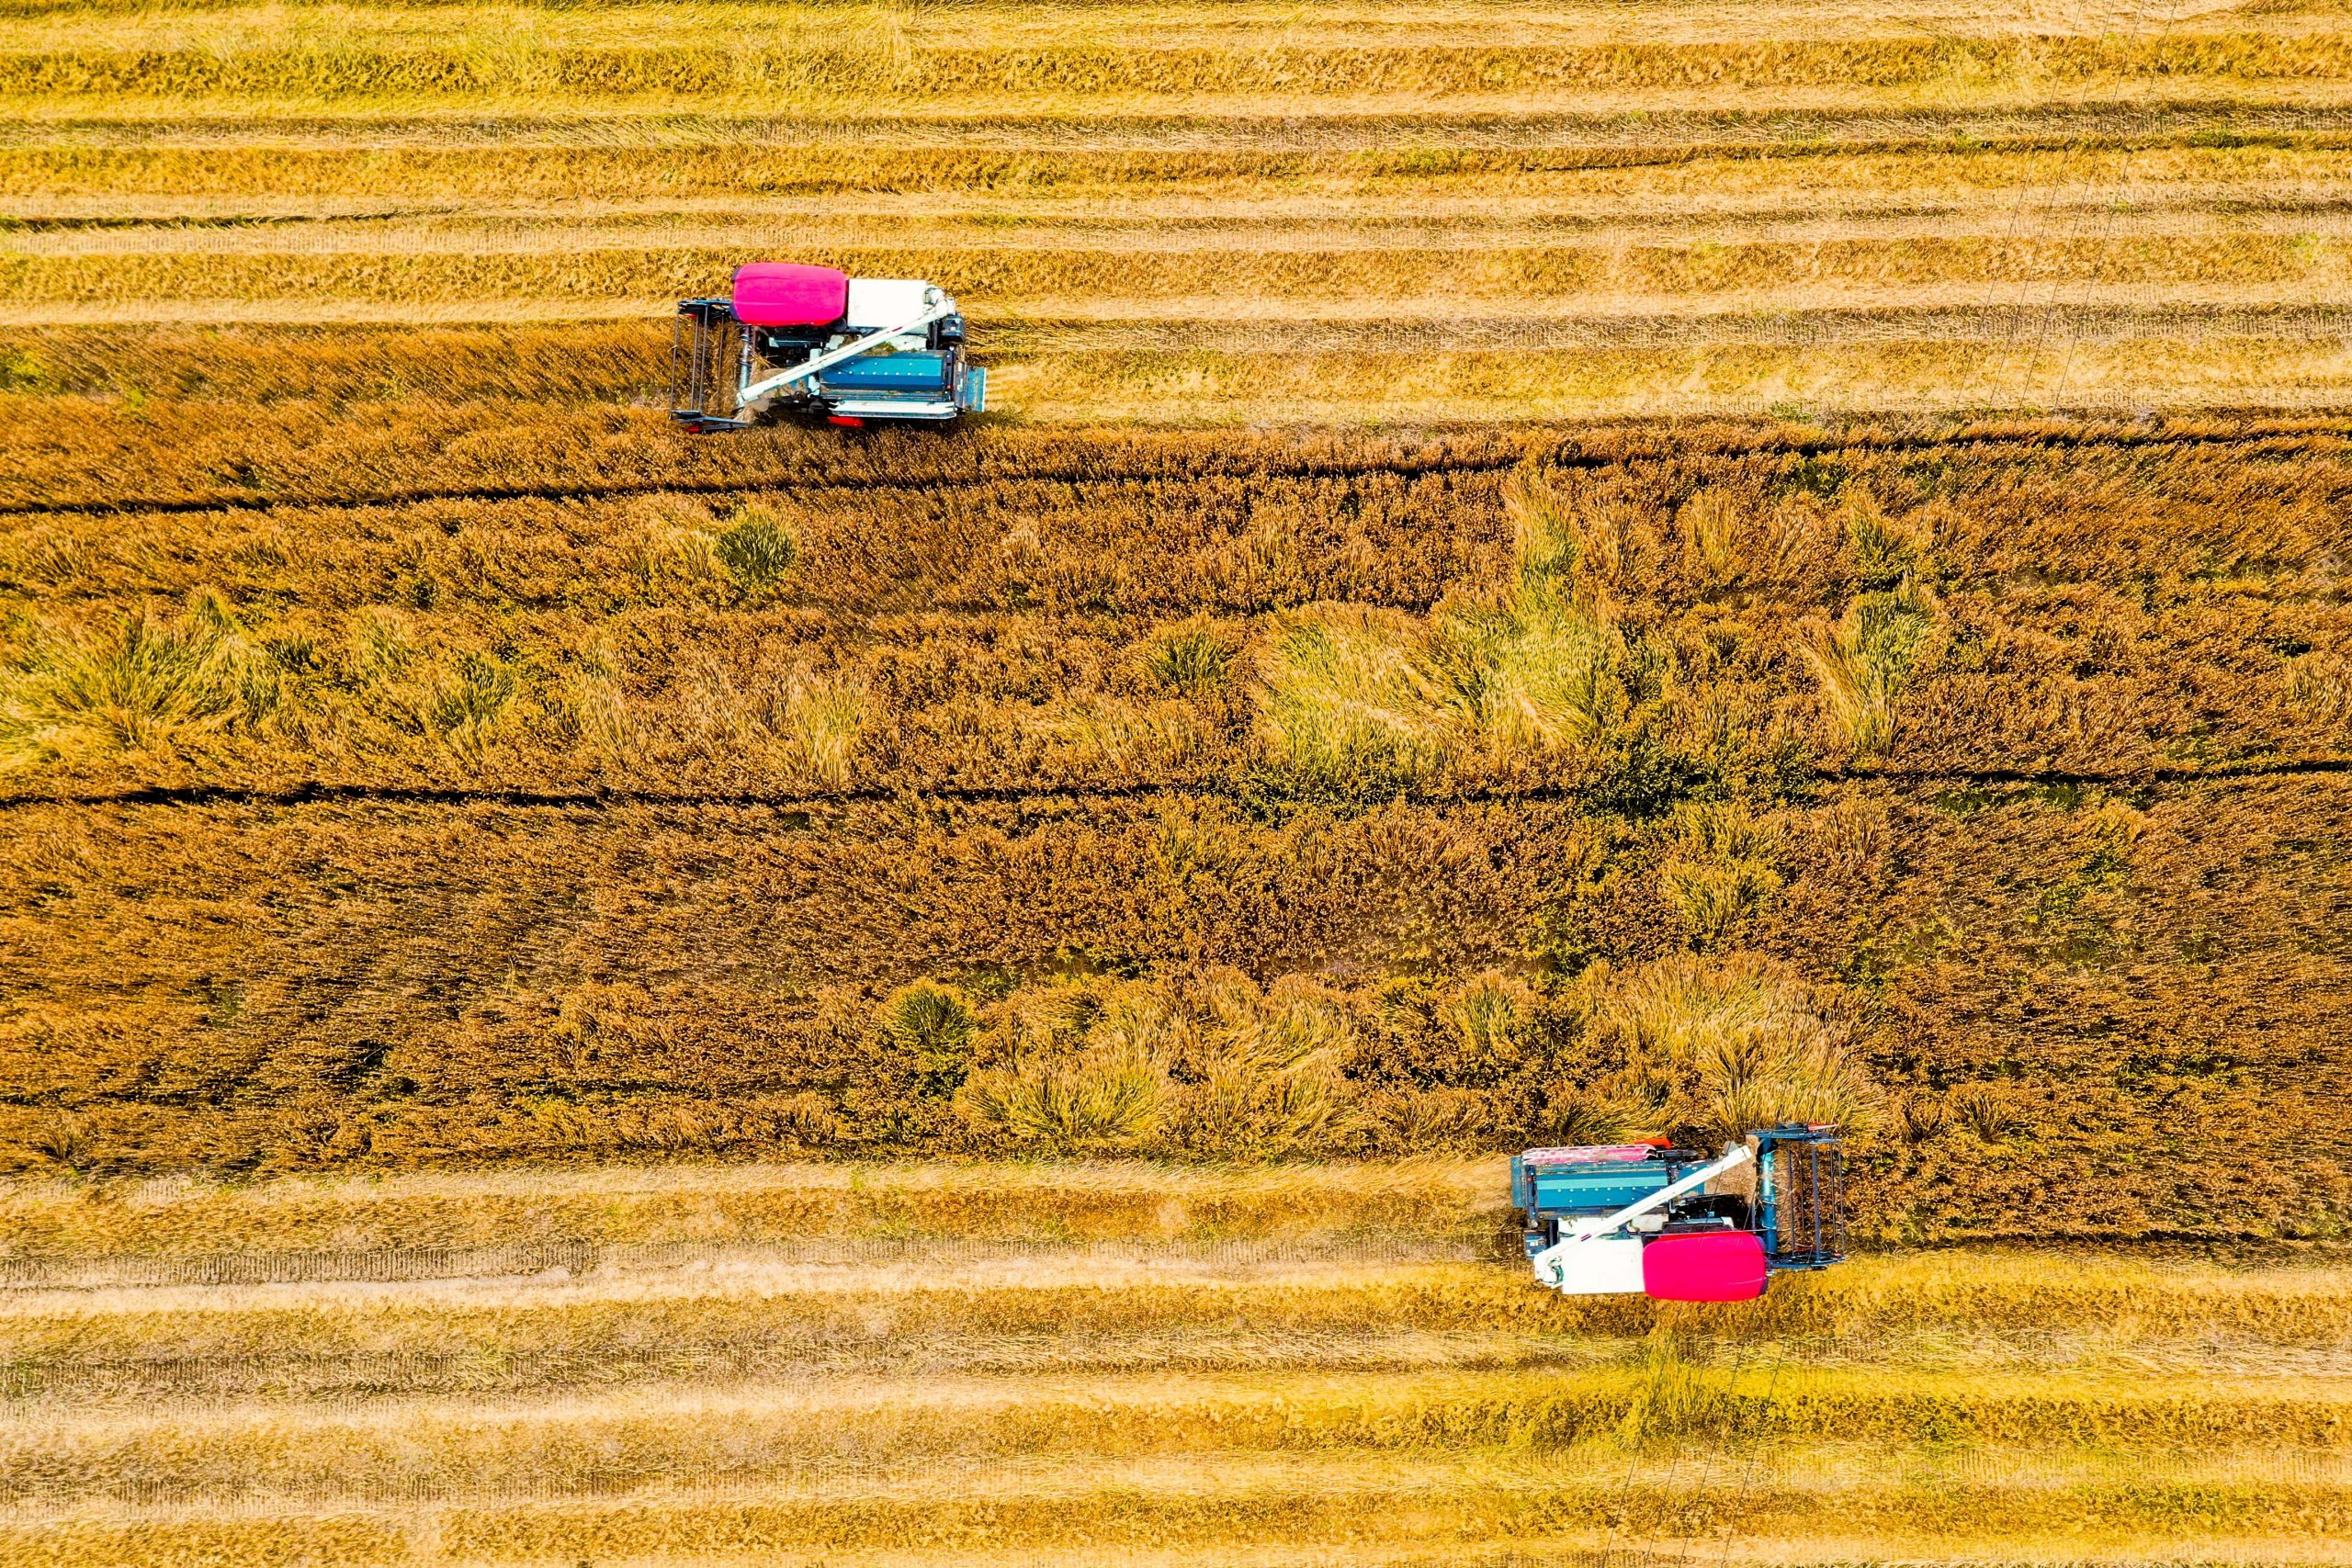 China aumenta suministro de semillas para ayudar a provincia afectada por inundaciones